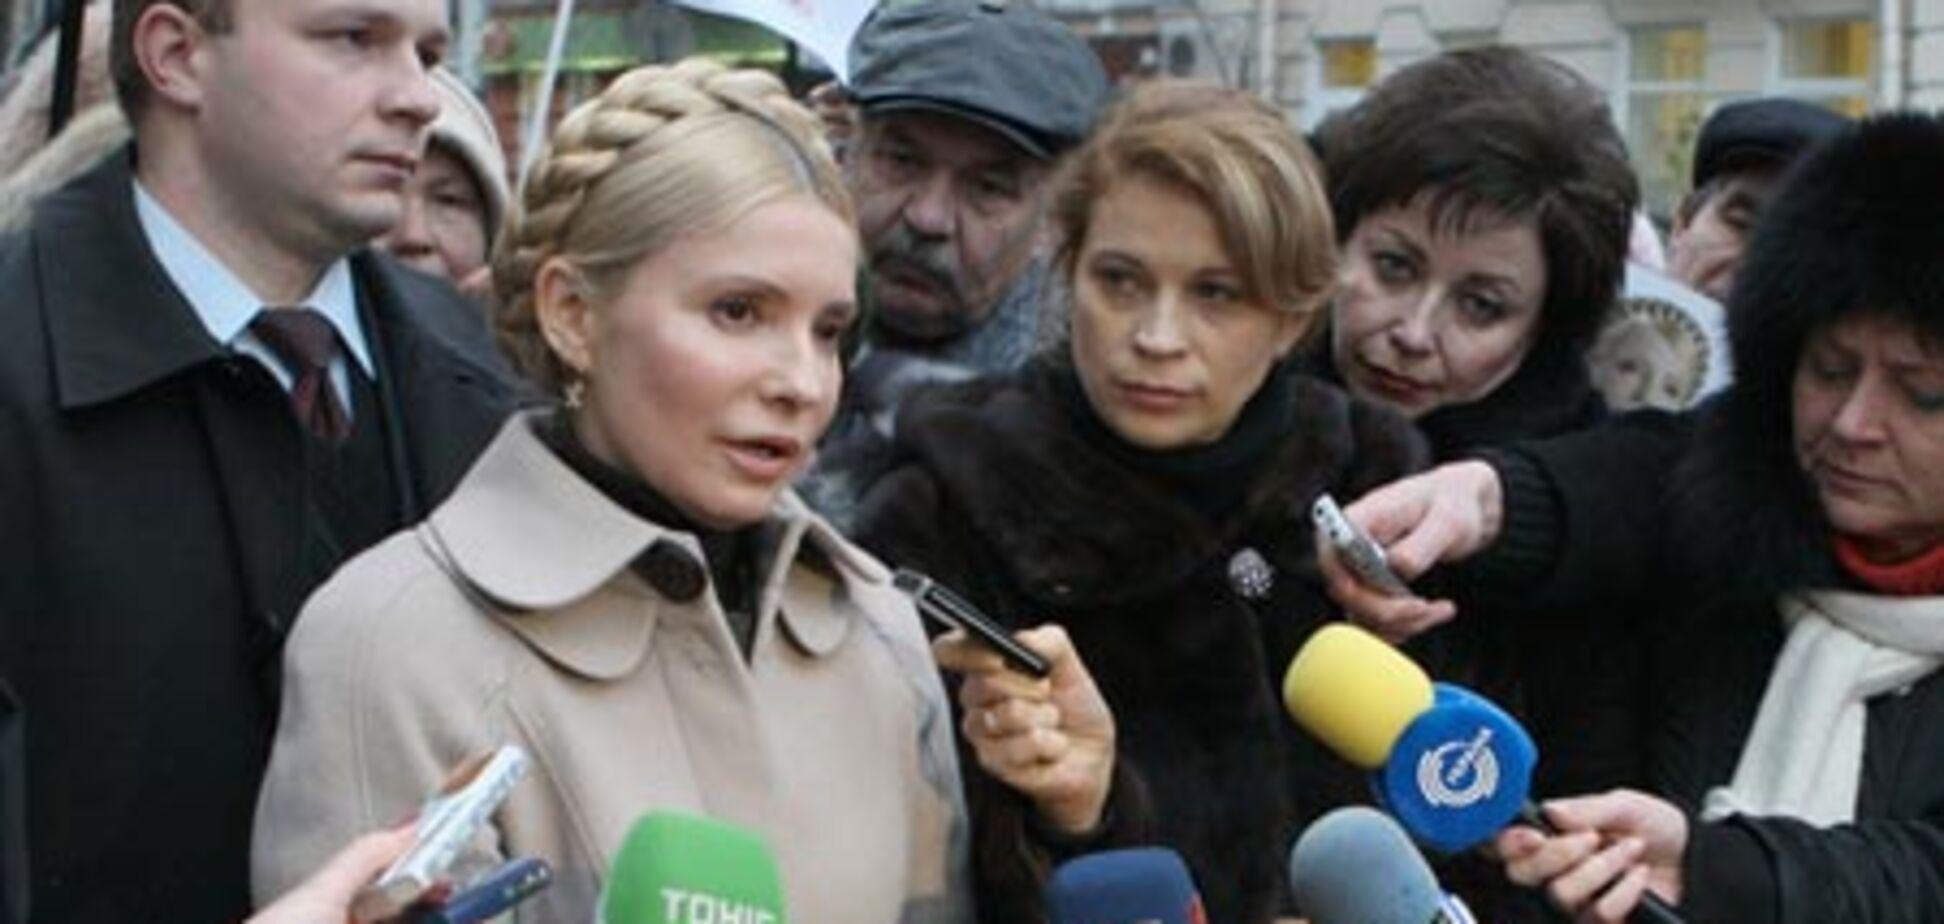 Тимошенко: У 2010 році влада вивела в офшори $ 28 млрд